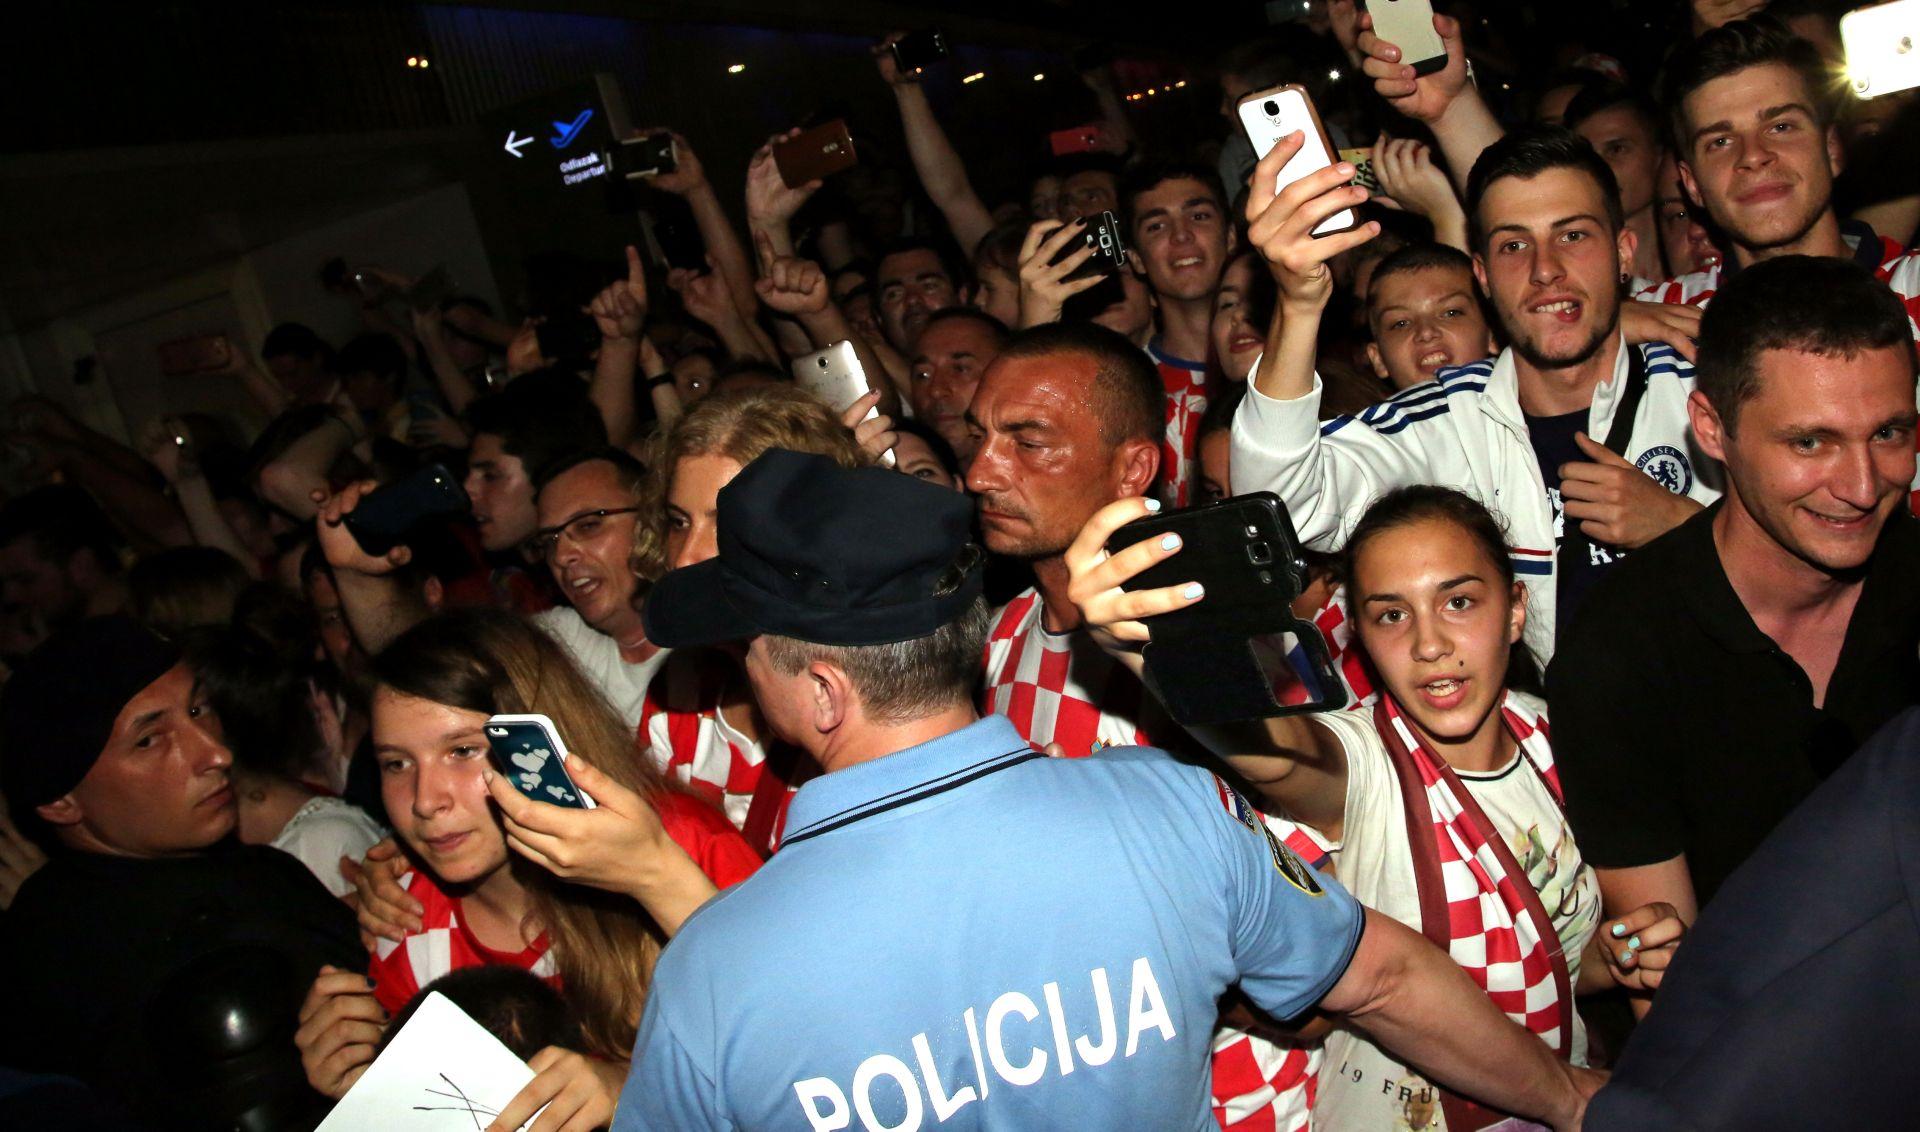 FOTO POVRATAK 'VATRENIH' Čačić: Hrvatska može biti ponosna na ono što je pokazala